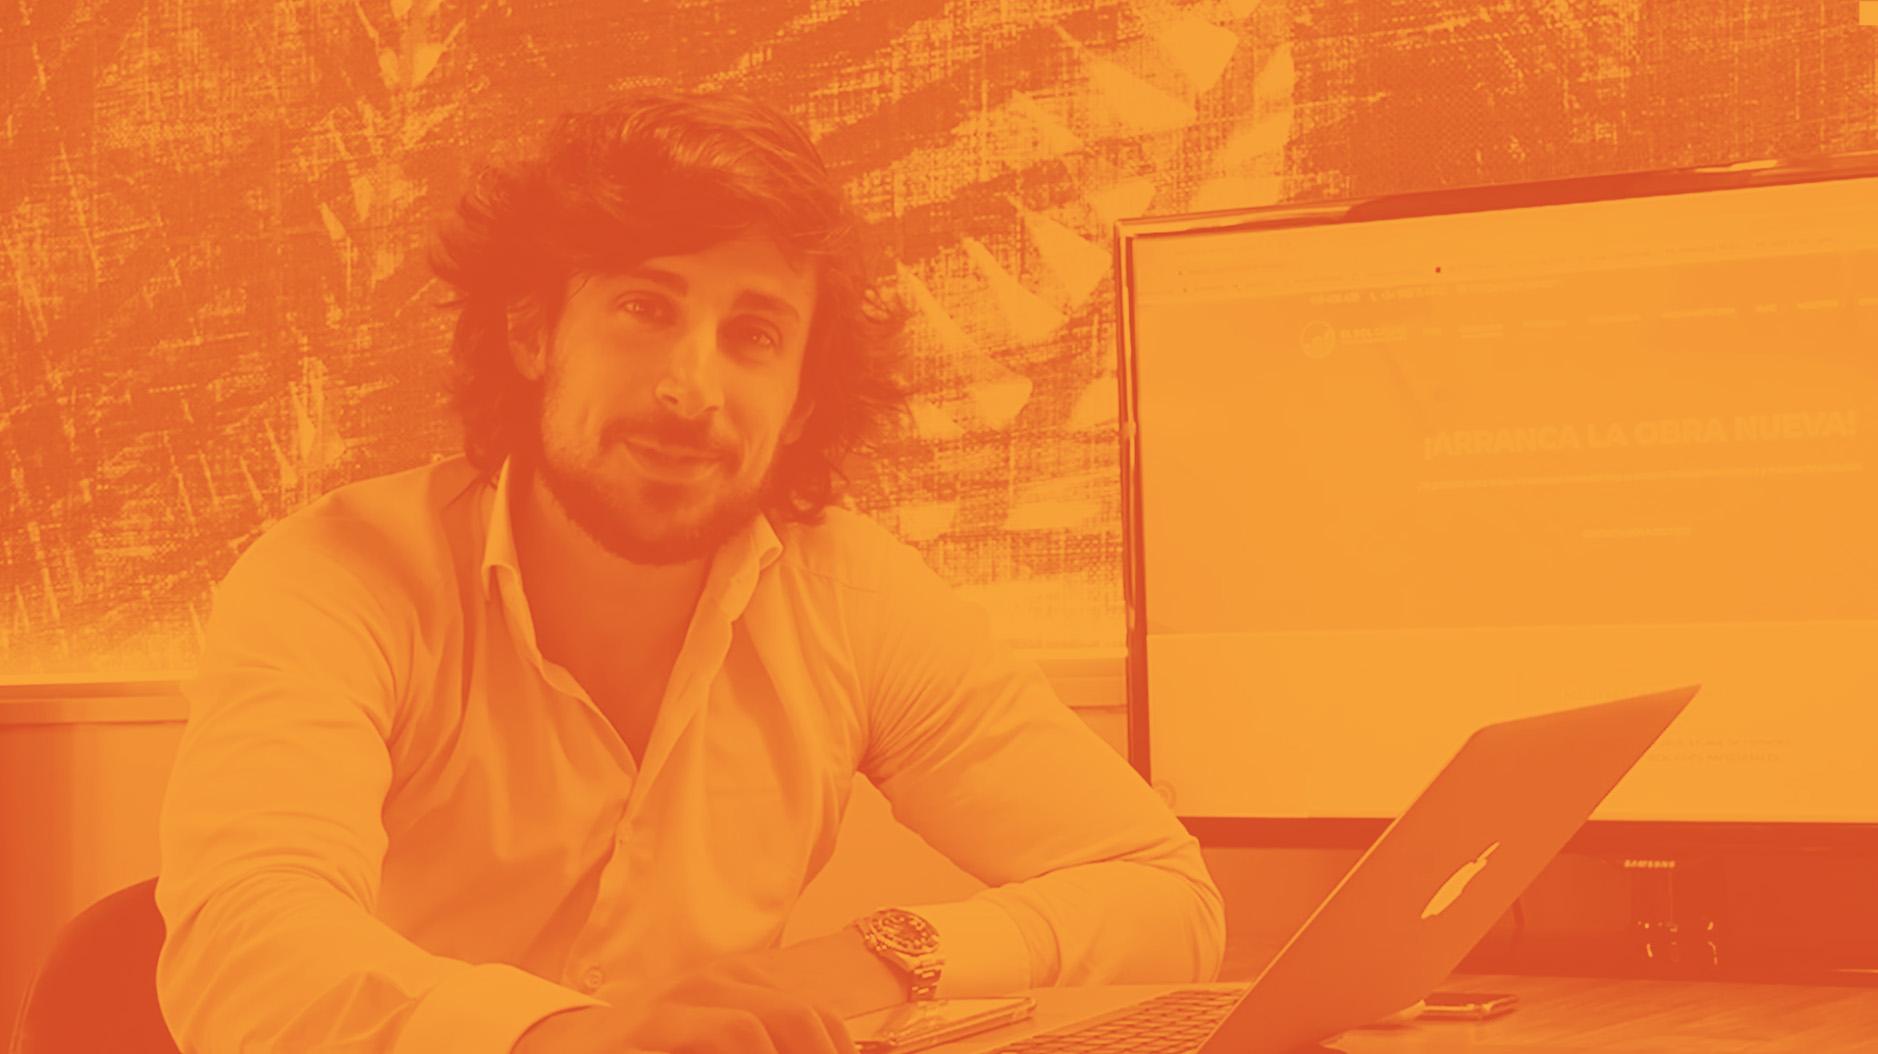 La promotora líder de Asturias, El Sol Grupo, confía en Docuten para la firma digital de documentos y la facturación electrónica